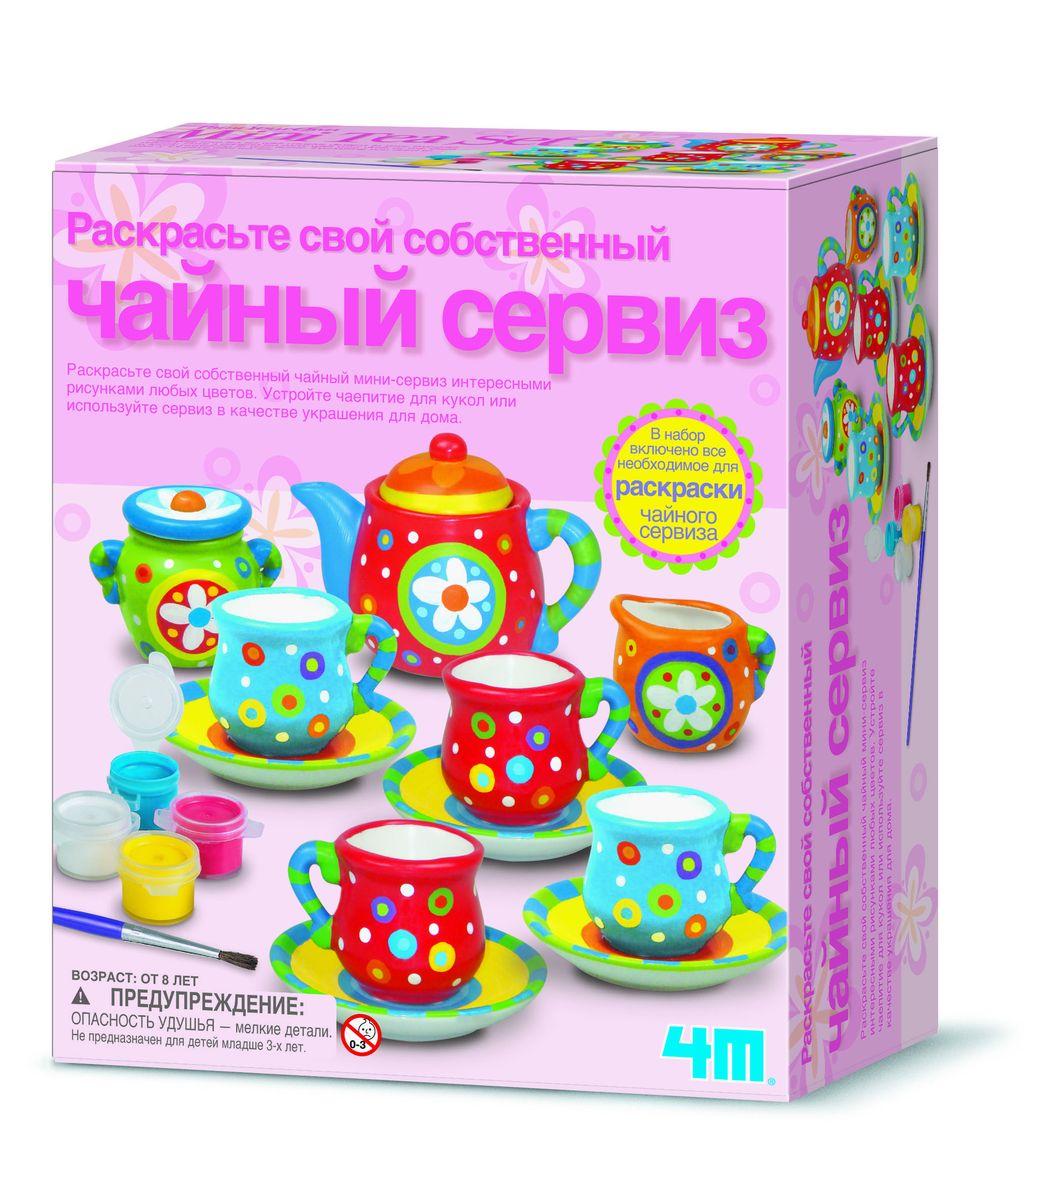 4M Игровой набор Чайный сервиз00-04541Чаепитие, сопровождающийся звонким смехом и веселой болтовней, – любимый ритуал всех девочек. А главный атрибут в нем – красивый сервиз. Набор от 4М поможет юной мастерице создать изумительный комплект посуды для незабываемого чаепития. В комплект уже включен фарфоровый сервиз на 4 персоны, а также краски и кисть для росписи. Творческий набор дает полную свободу для полета фантазии. Маленькая художница может раскрасить сервиз по представленному образцу или придумать собственные узоры. Креативное задание послужит превосходным тренажером для воображения, пространственного мышления и мелкой моторики. Девочка научится создавать разнообразные узоры, комбинировать цвета и получать новые оттенки. Таким образом у нее сформируется собственный вкус и стиль. Но кропотливая роспись потребует не только фантазии и ловкости рука, а еще усидчивости, аккуратности и внимания к деталям. Раскрашивать сервиз ребенок будет яркими акриловыми красками, безвредными для детского здоровья. Они нетоксичны и не...